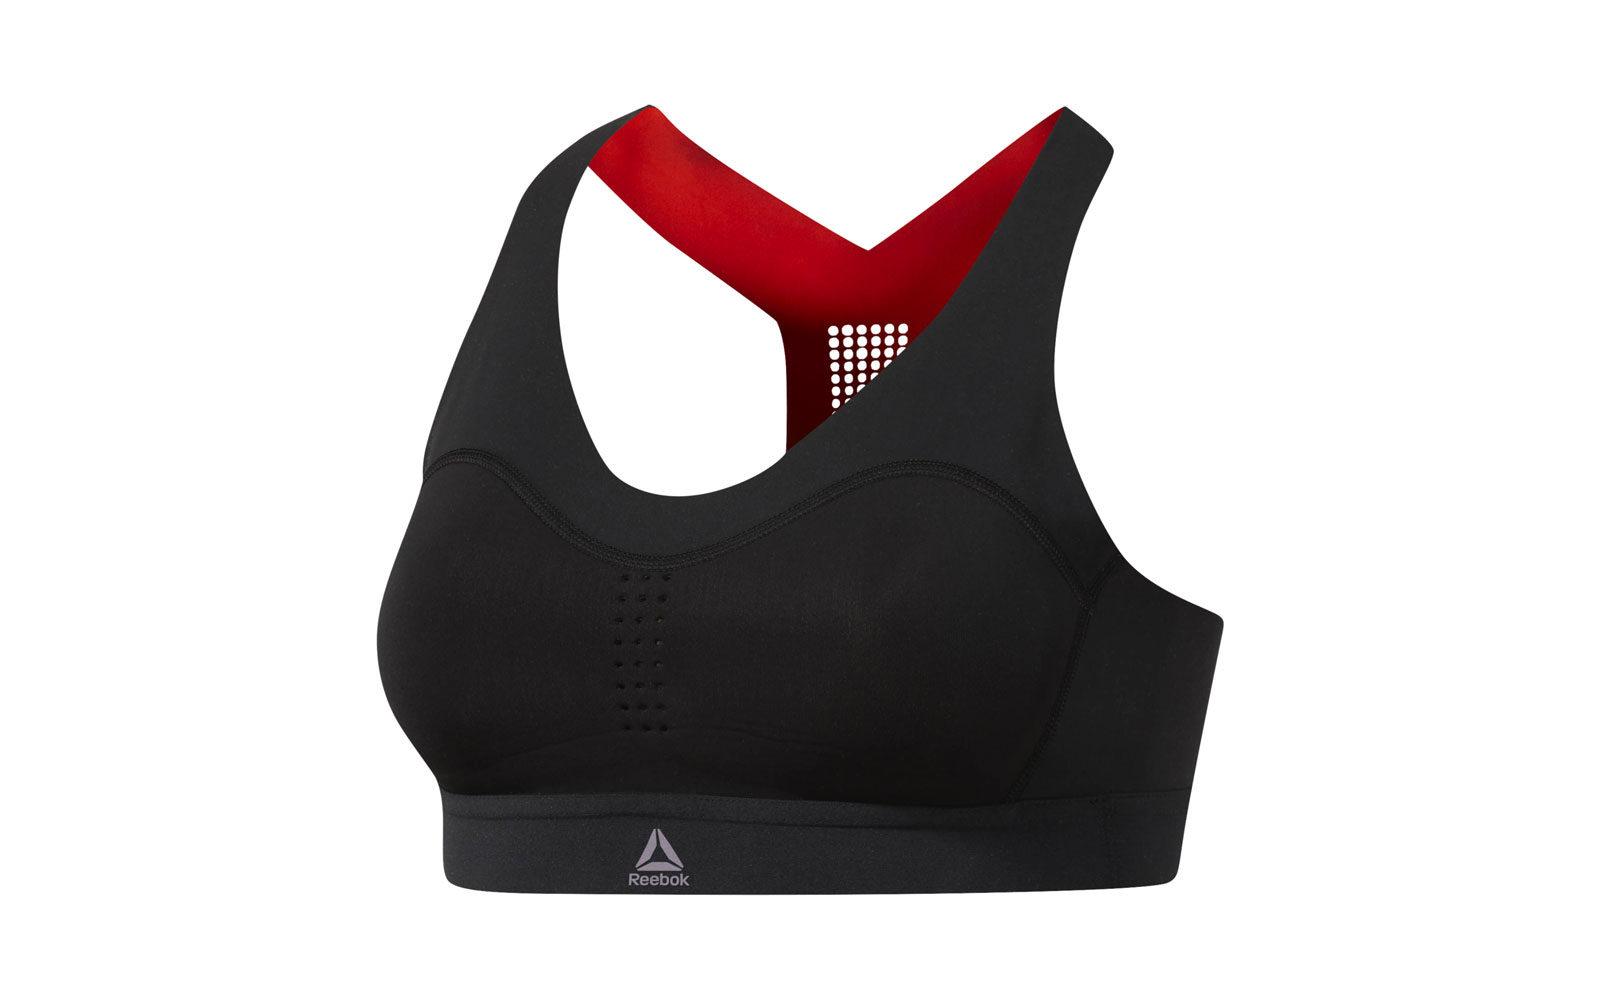 Reebok Pure Move Bra, con tecnologia Motion Sense per supporto e controllo personalizzati, tessuto con gel che si solidifica quando i movimenti aumentano, preformato, design seconda pelle, traforatura traspirante, euro 60